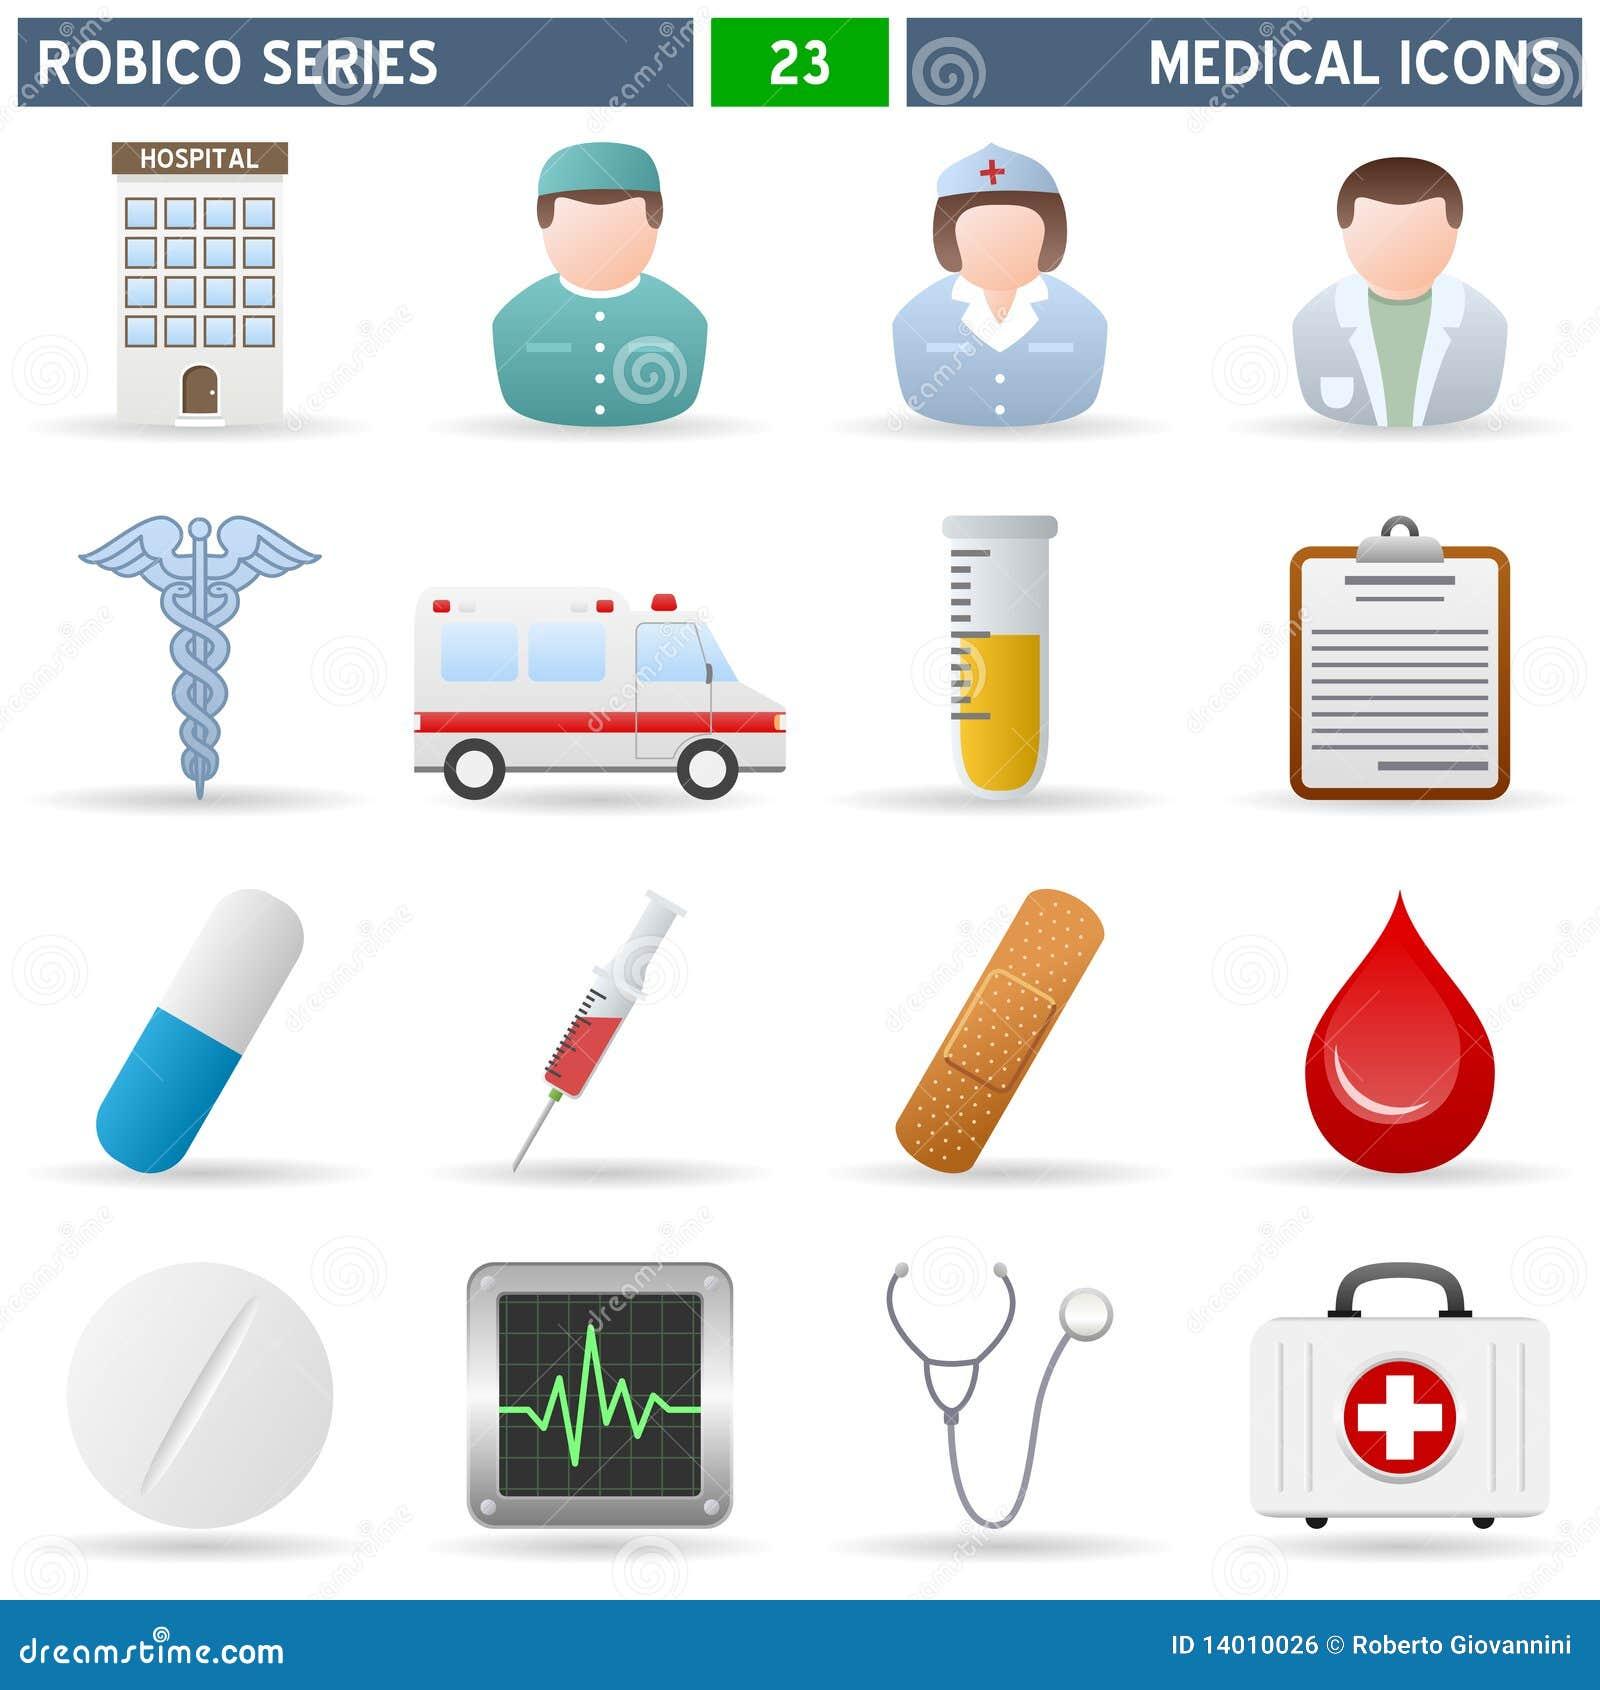 серия robico икон медицинская